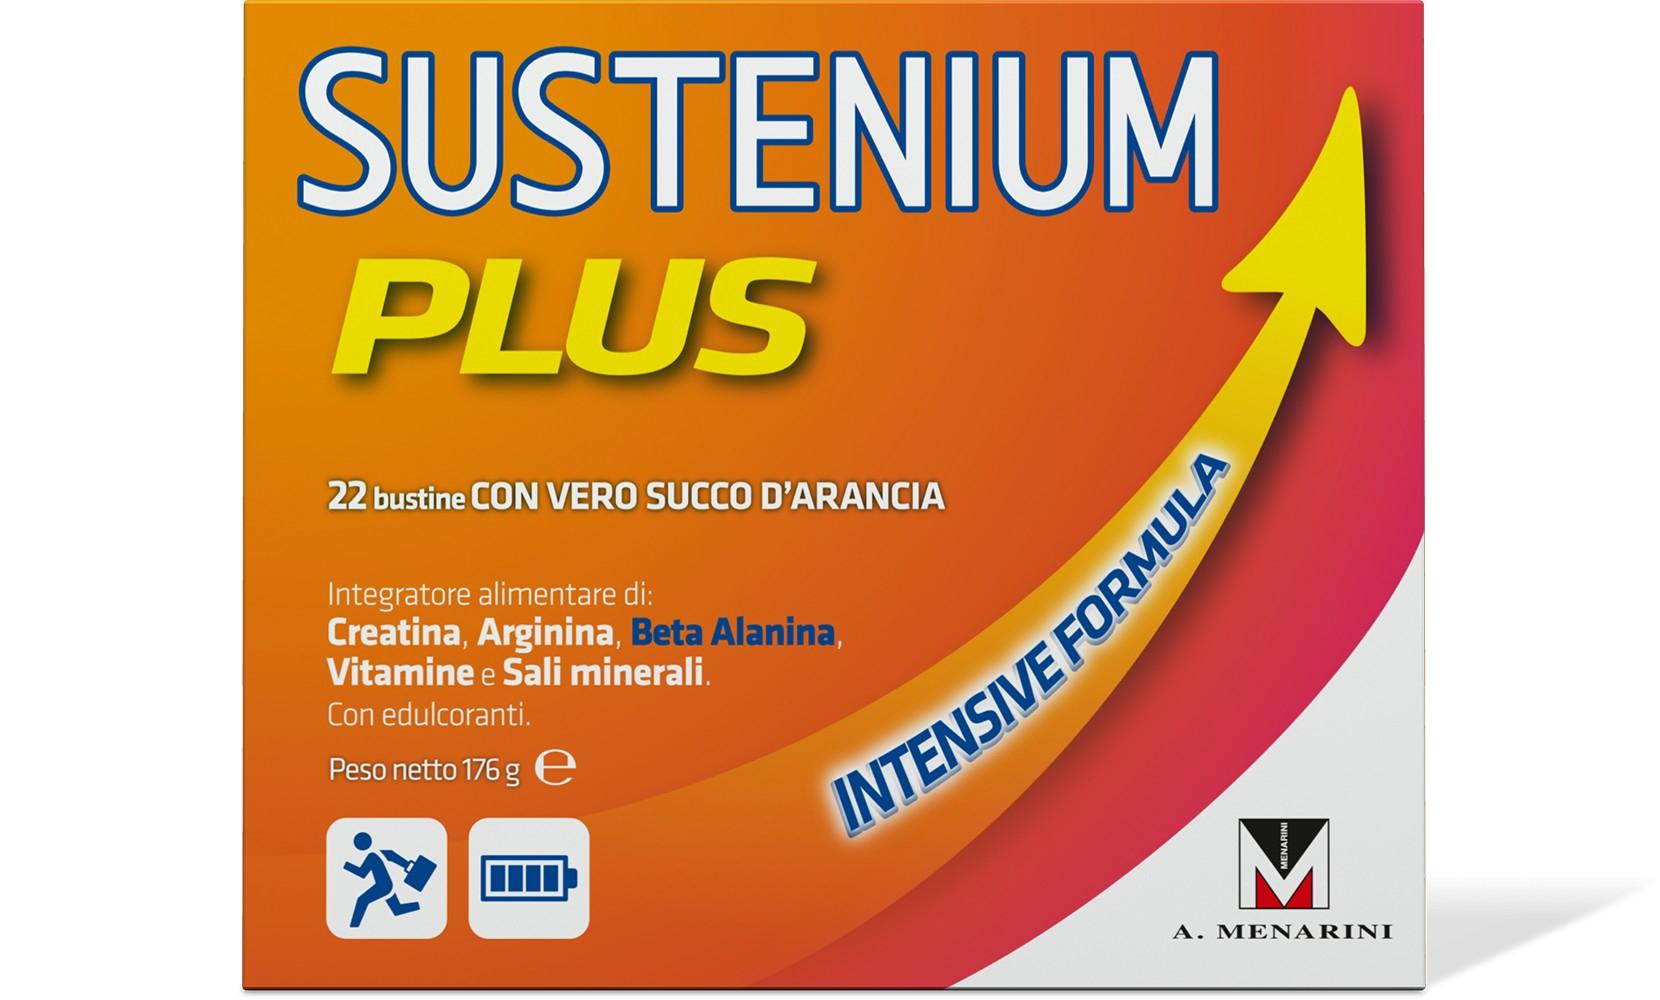 SUSTENIUM PLUS 22 BUSTINE CON CREATINA, ARGININA, BETA ALANINA, VITAMINA C, VITAMINA B1, FERRO, ZINCO, MAGNESIO. AZIONE ENERGIZZANTE IN CASO DI STANCHEZZA, STRESS E AFFATICAMENTO. ASSICURA TONICITÀ.